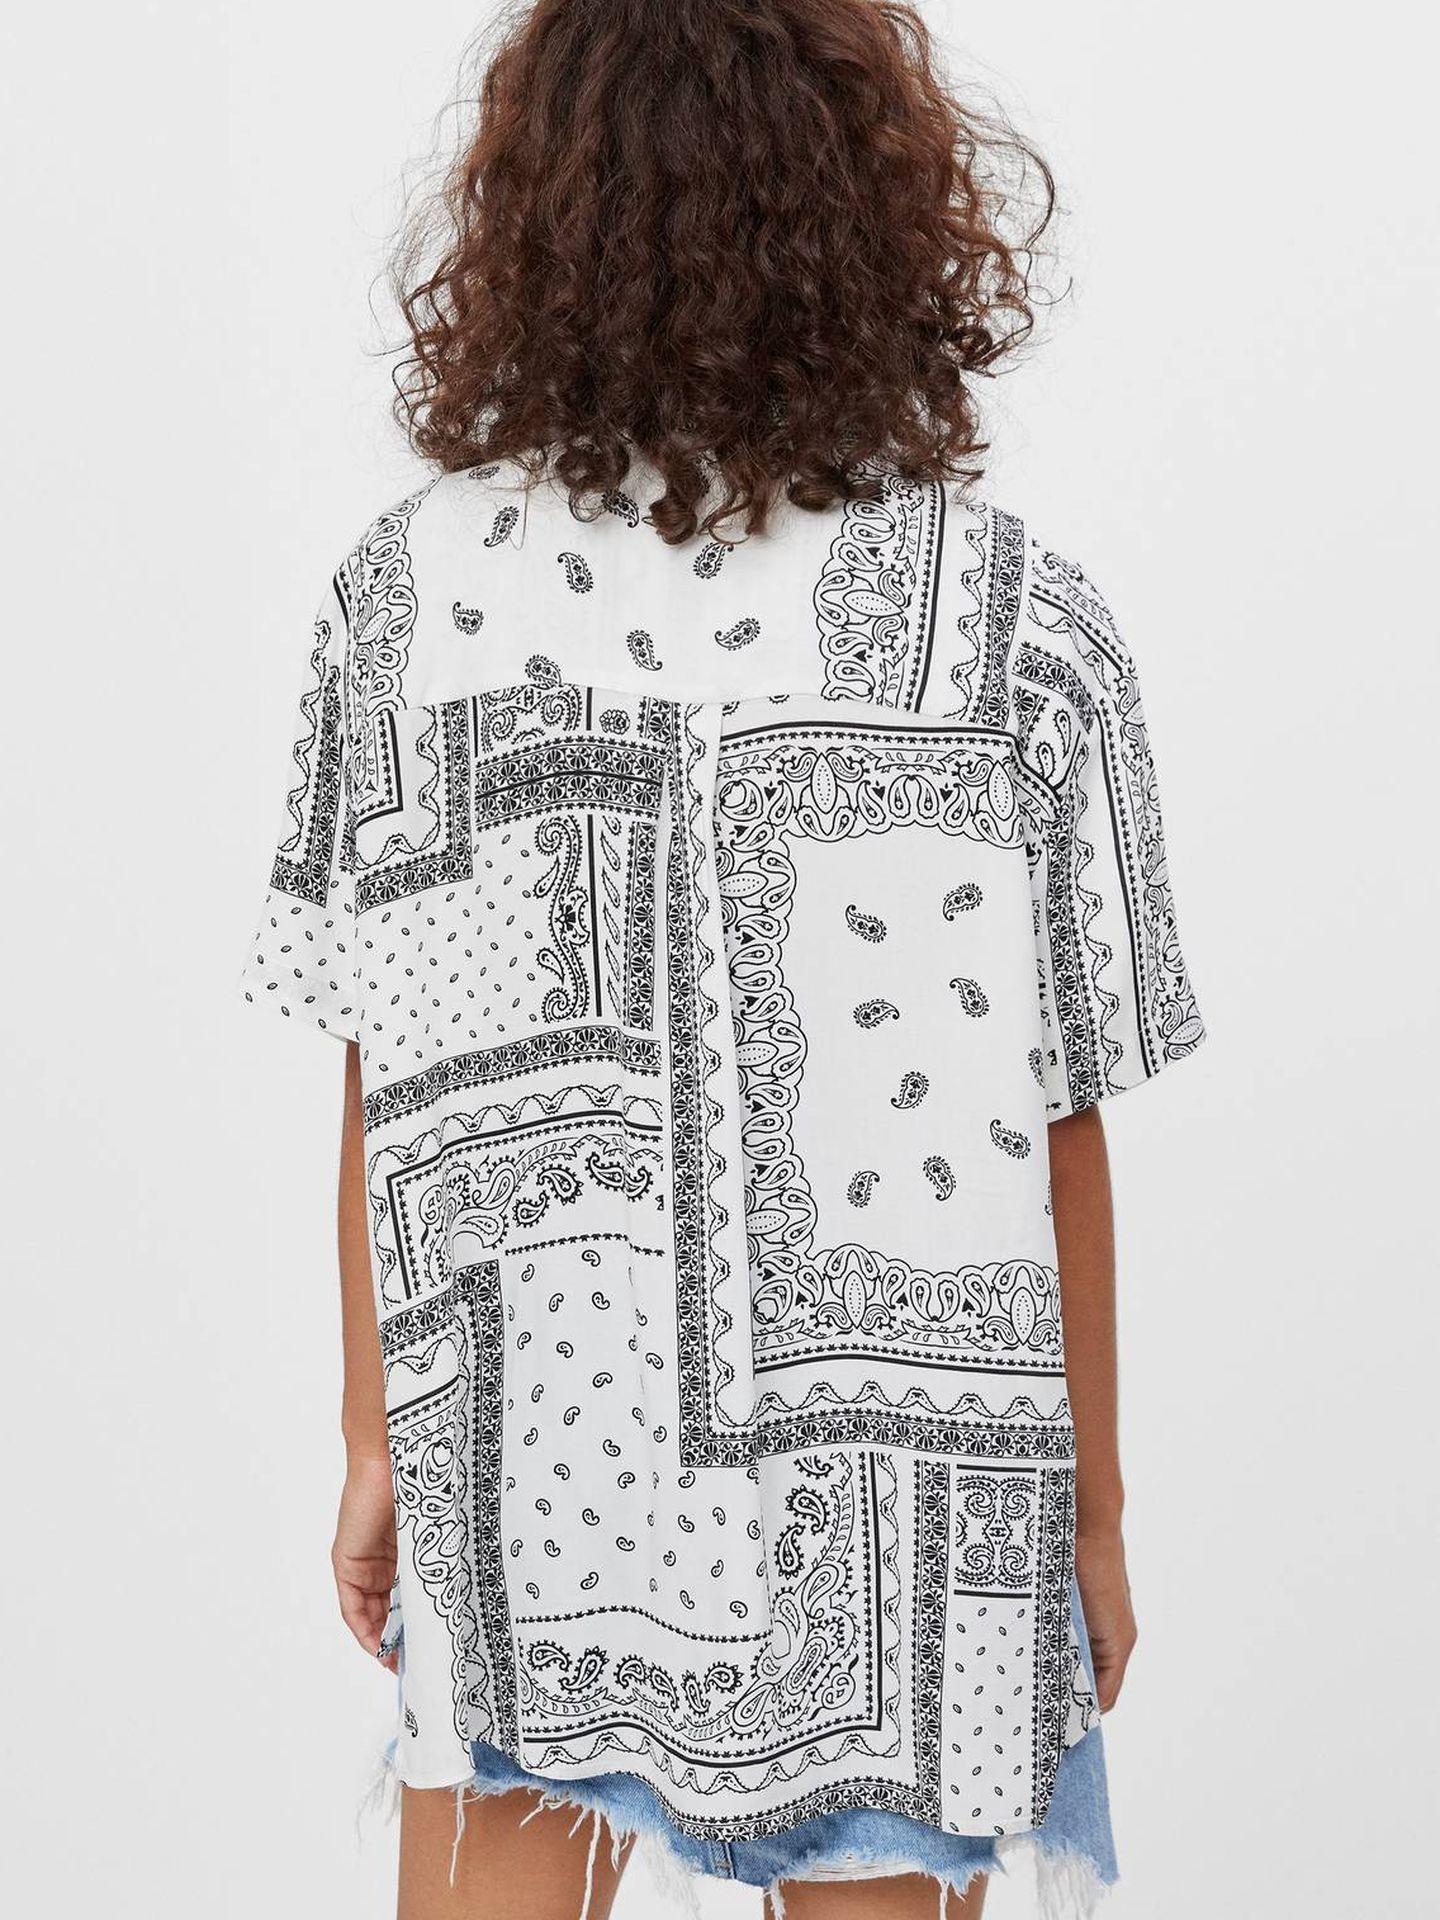 Camisa paisley de Bershka. (Cortesía)